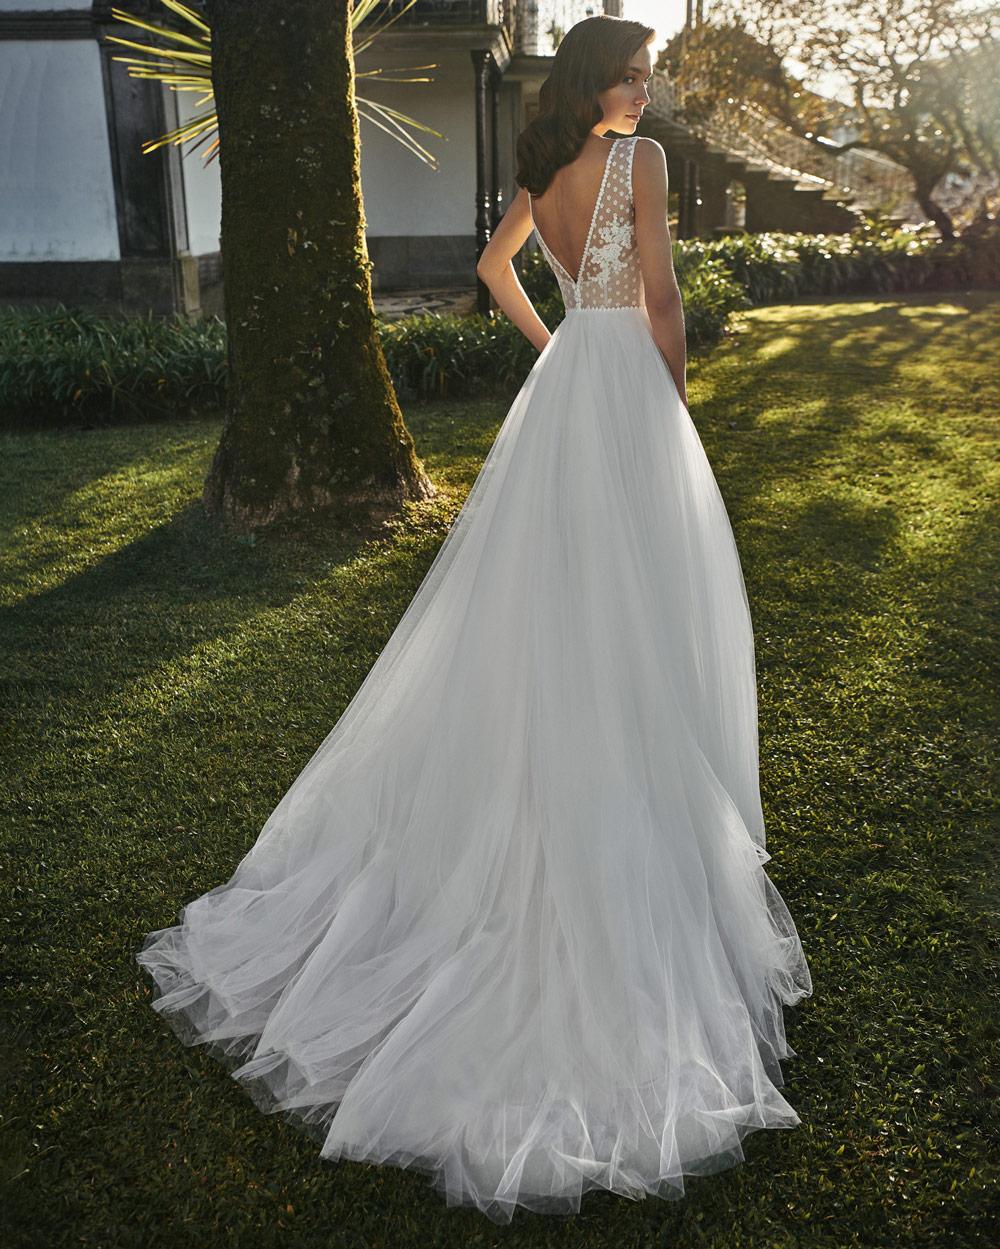 vestido de novia silvia fernandez LUCERNA gasa